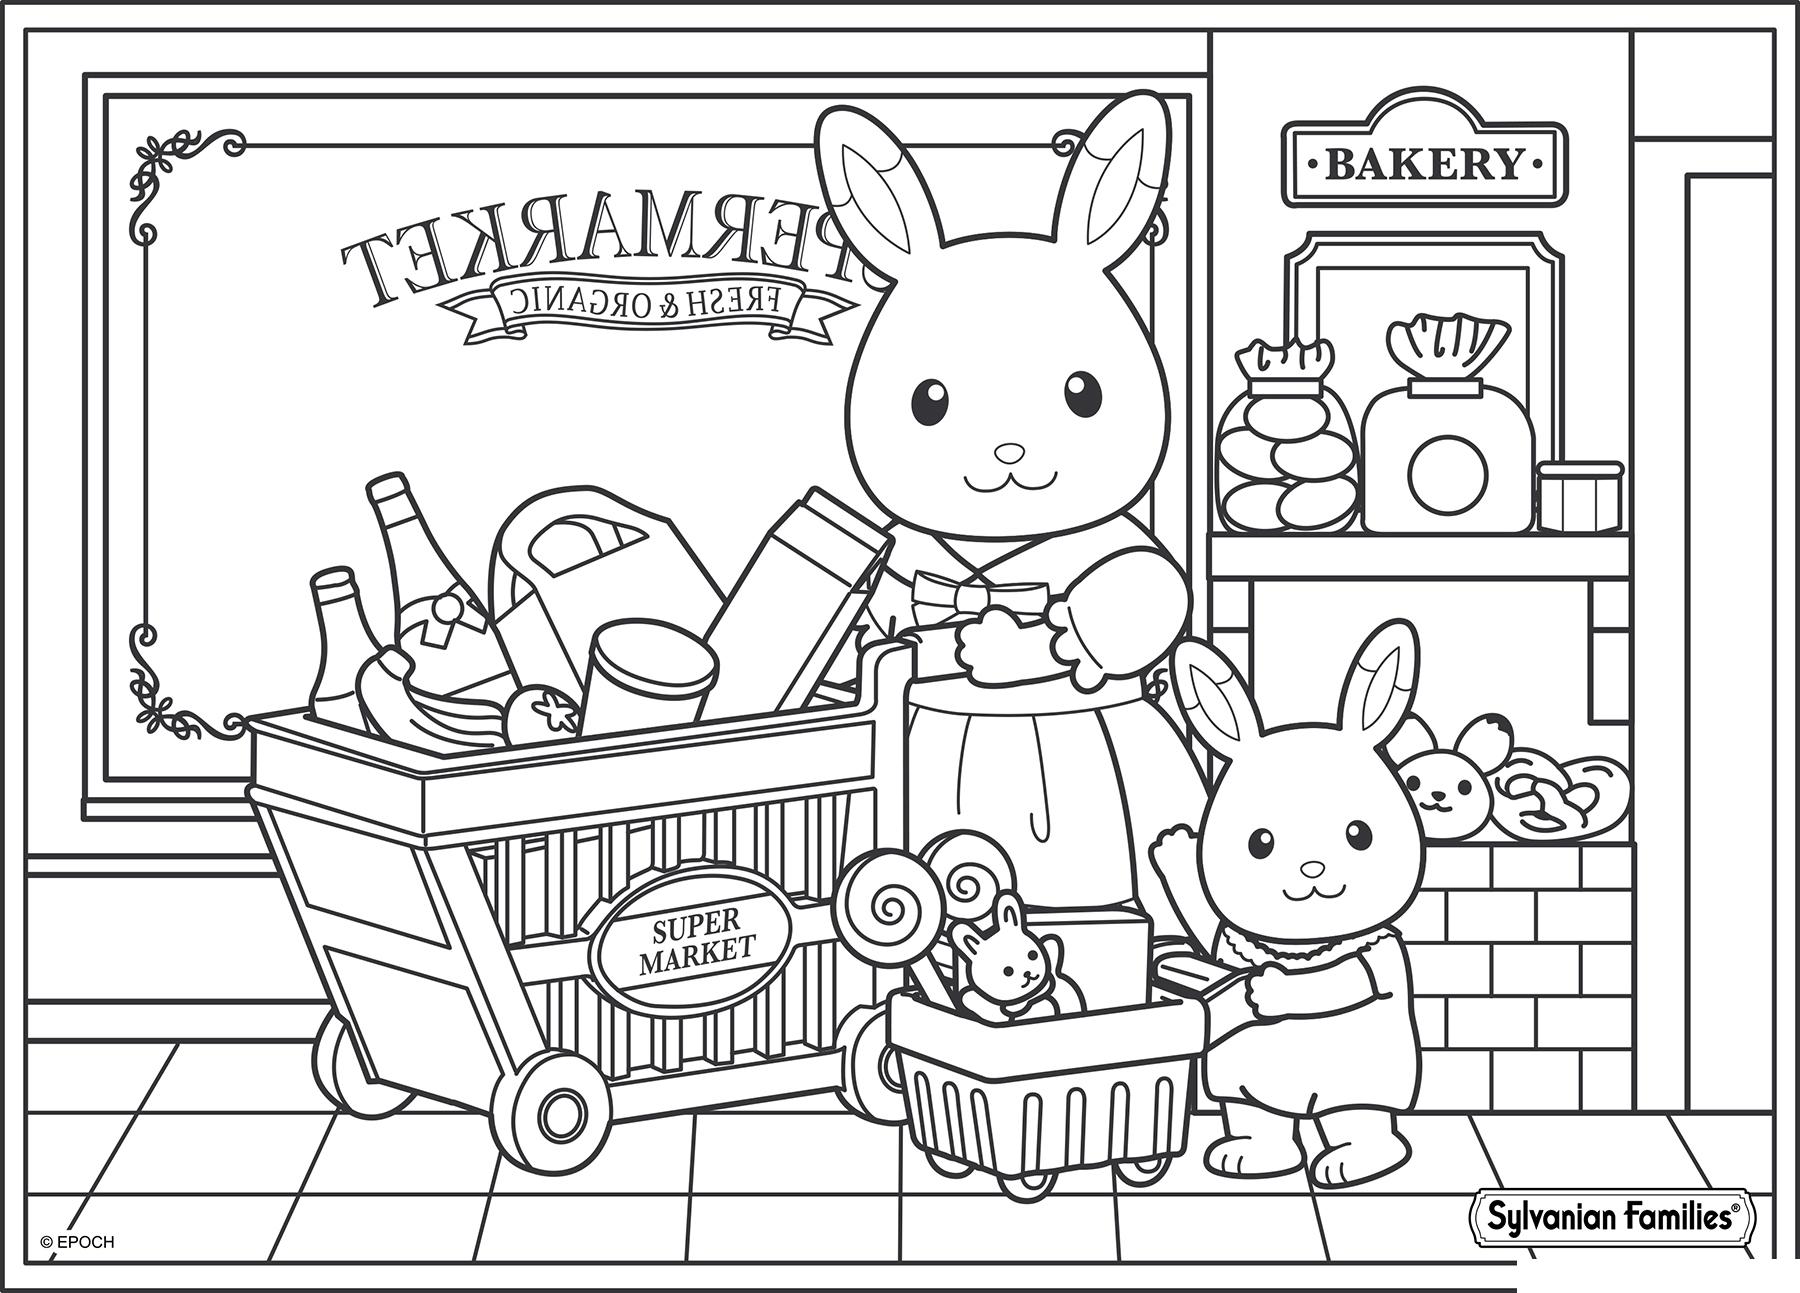 Магазин раскраска для детей